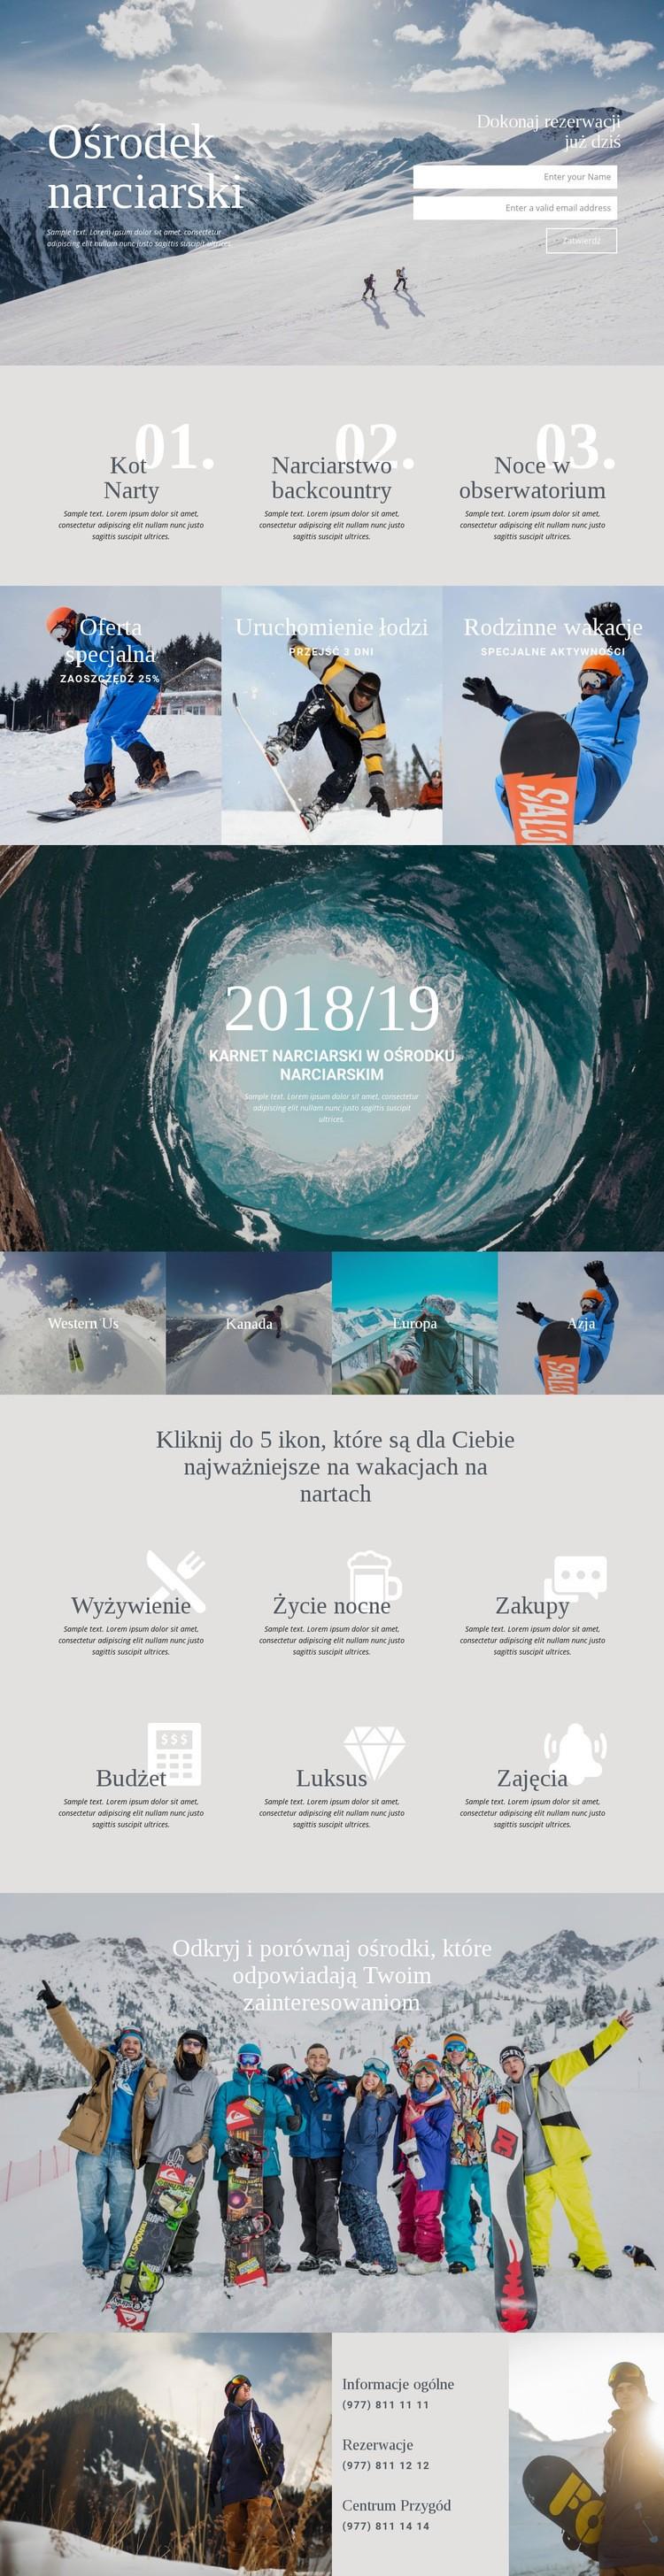 Ośrodek narciarski Szablon witryny sieci Web